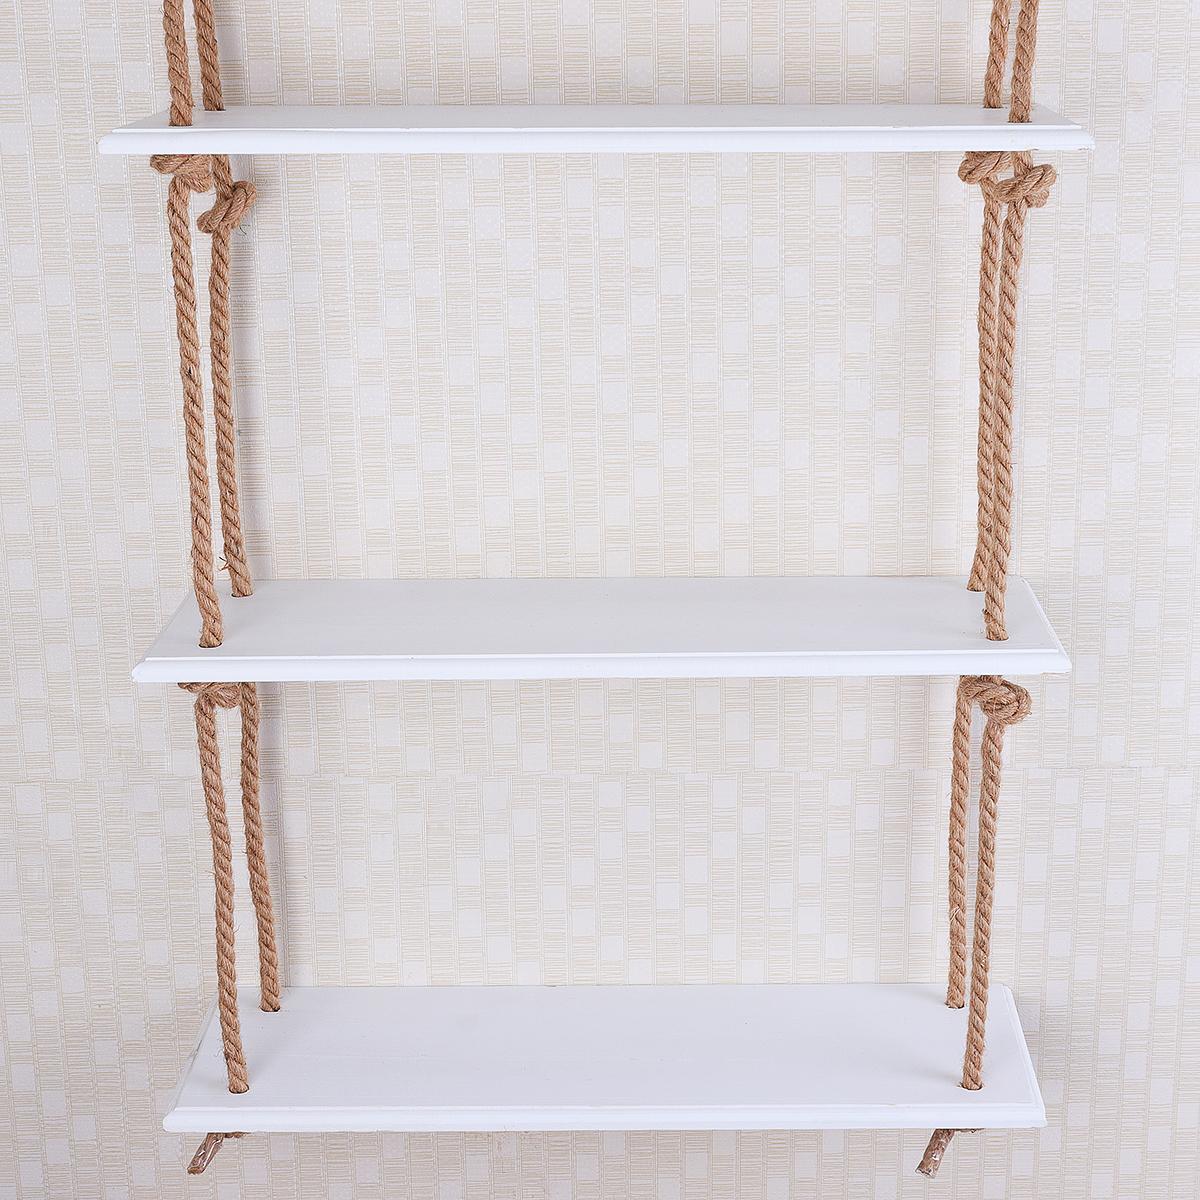 libreria-fai-da-te-scala